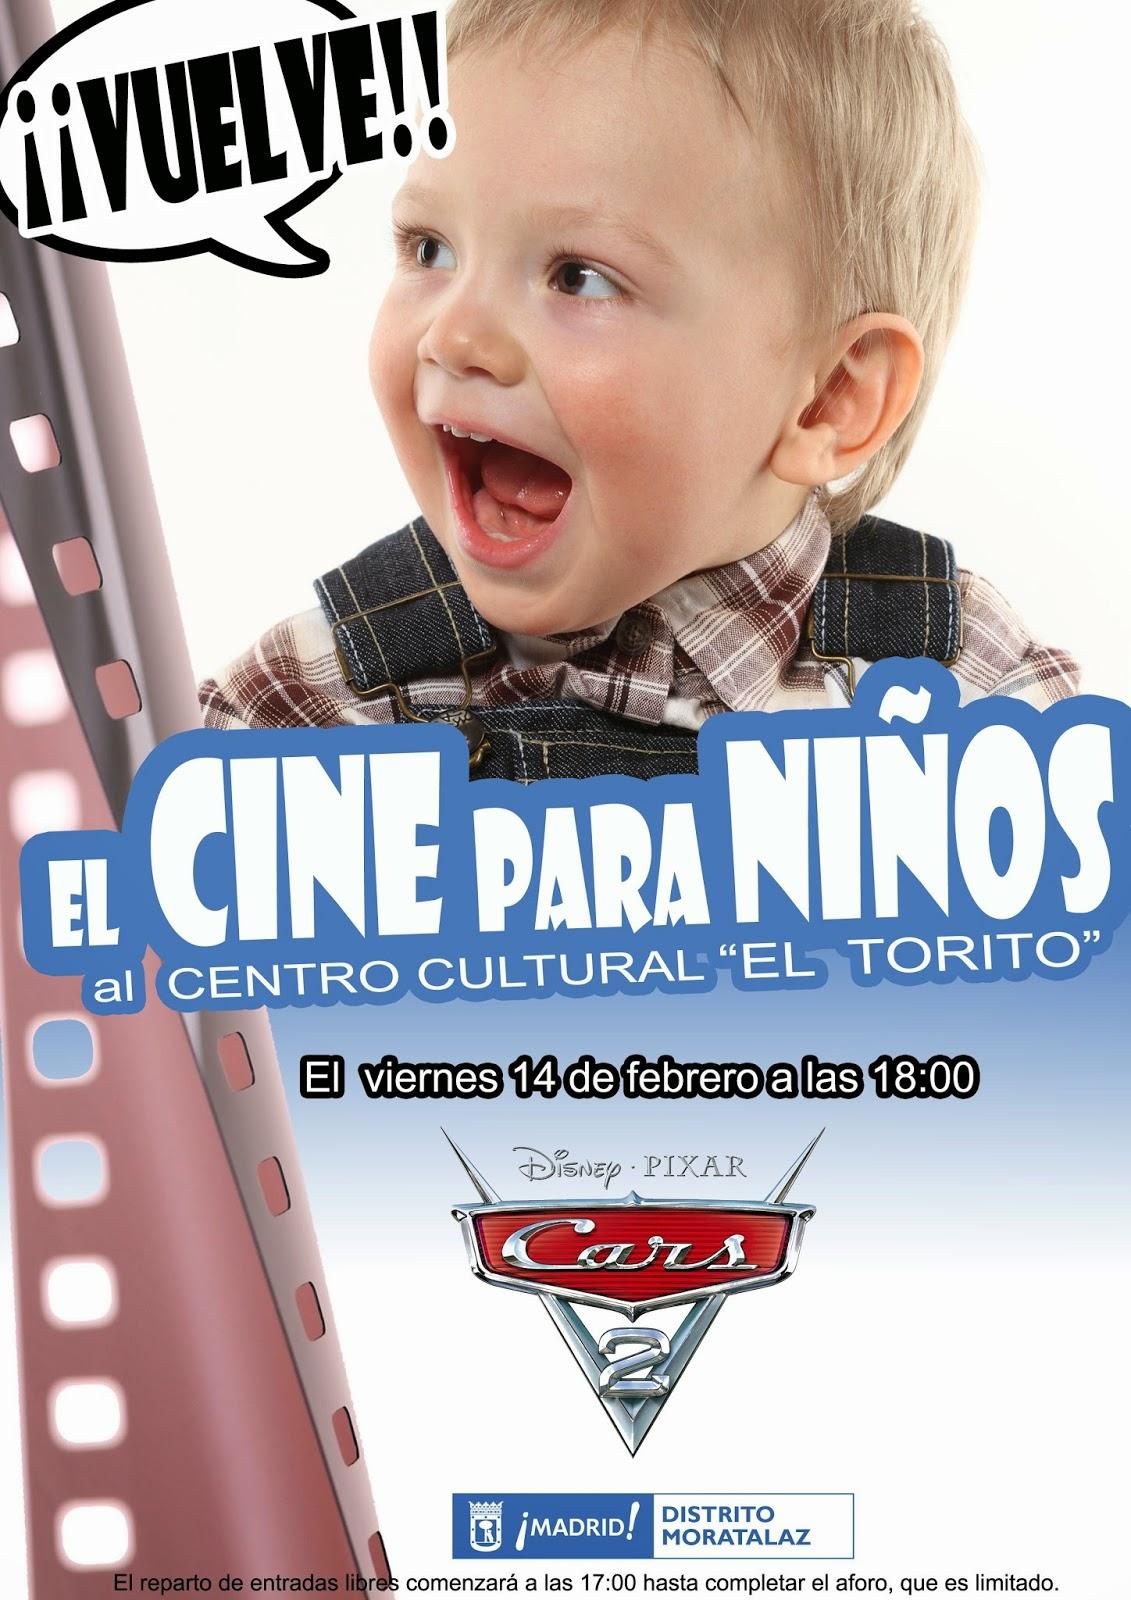 El cine para niños vuelve a Moratalaz.